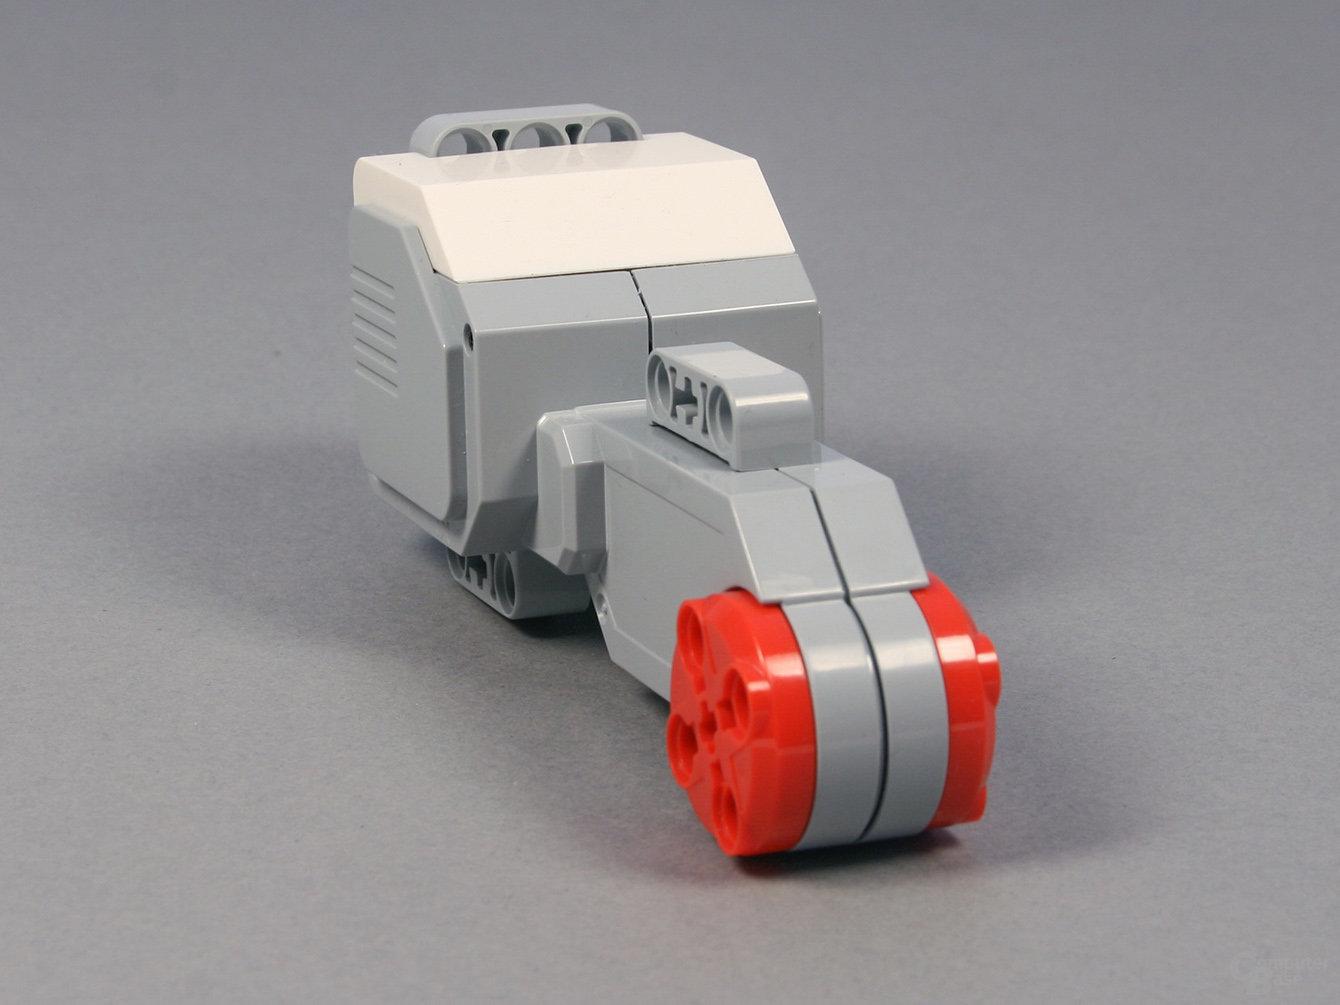 Lego-Mindstorms großer Motor